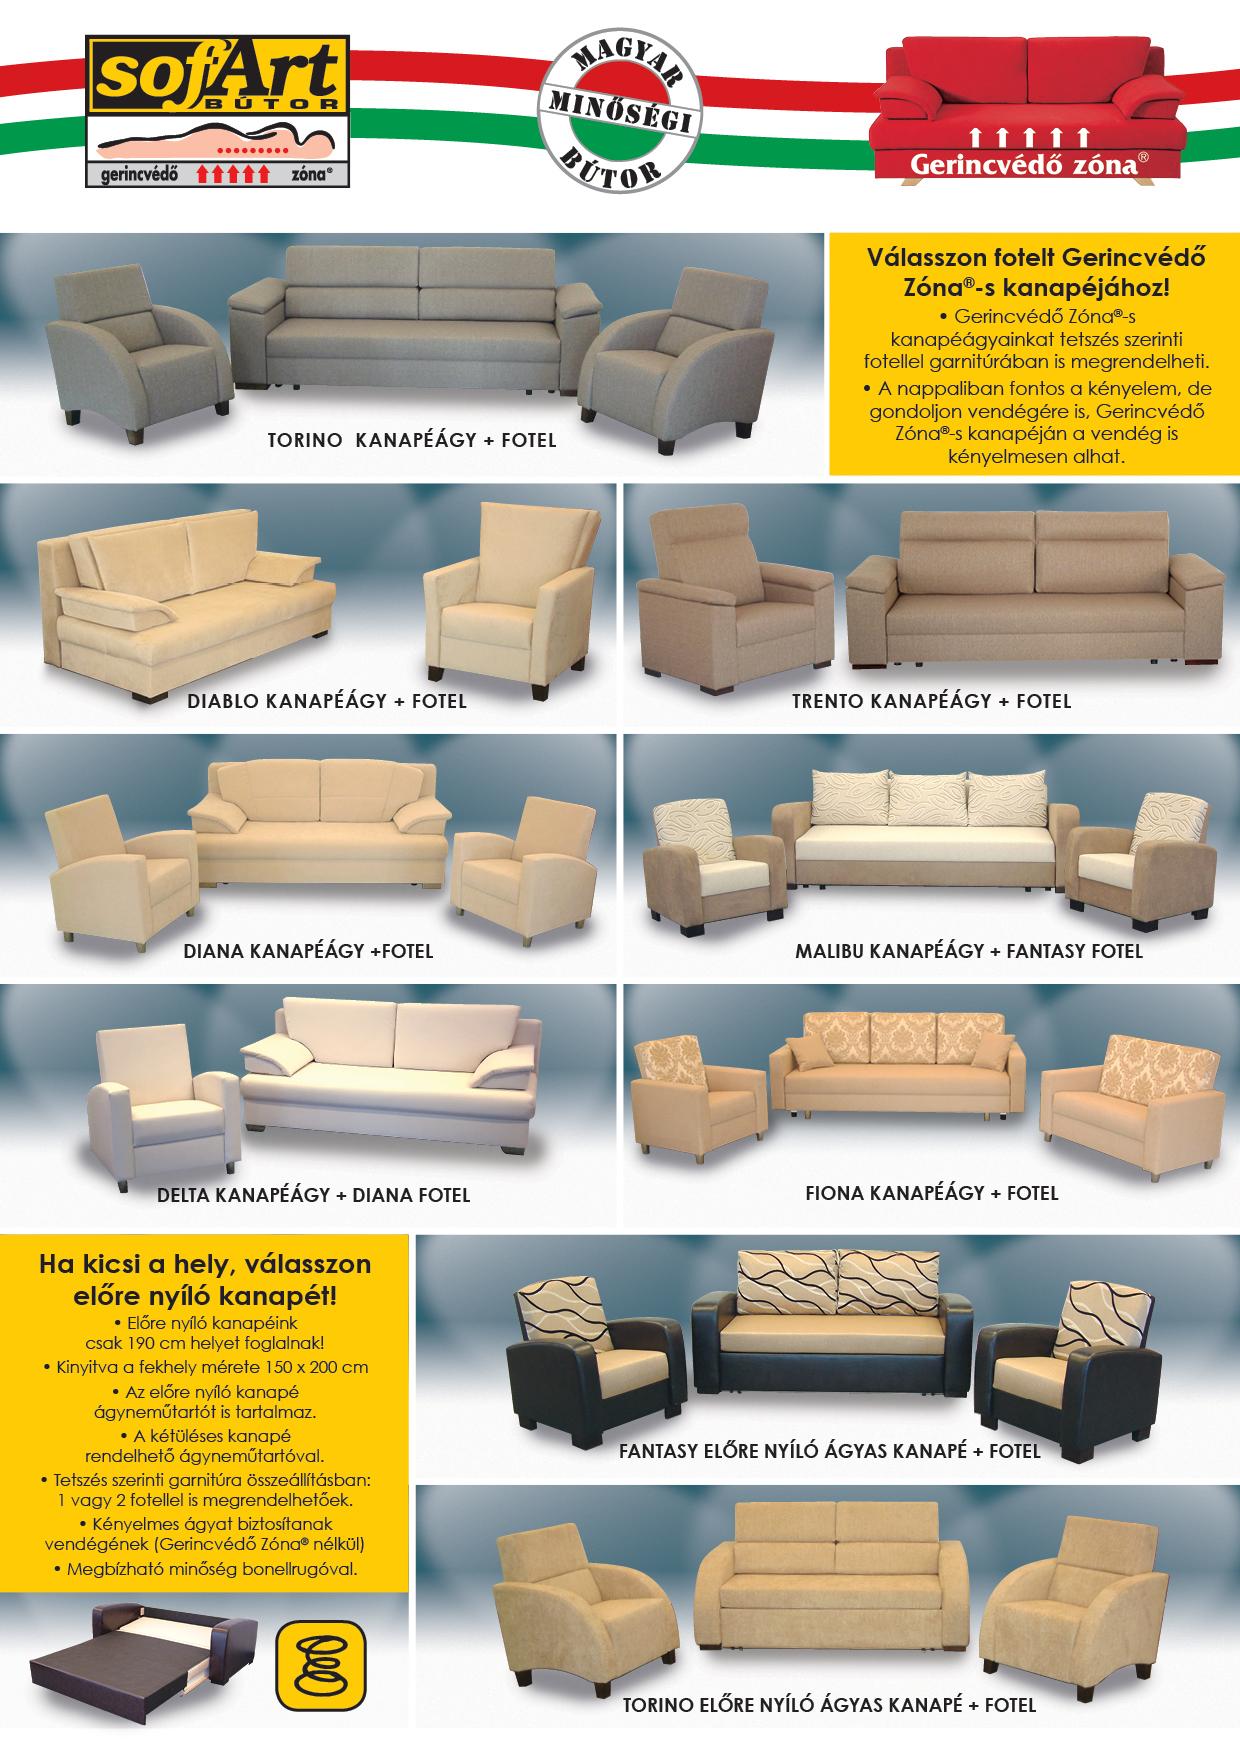 Garnitúrák és fotelek